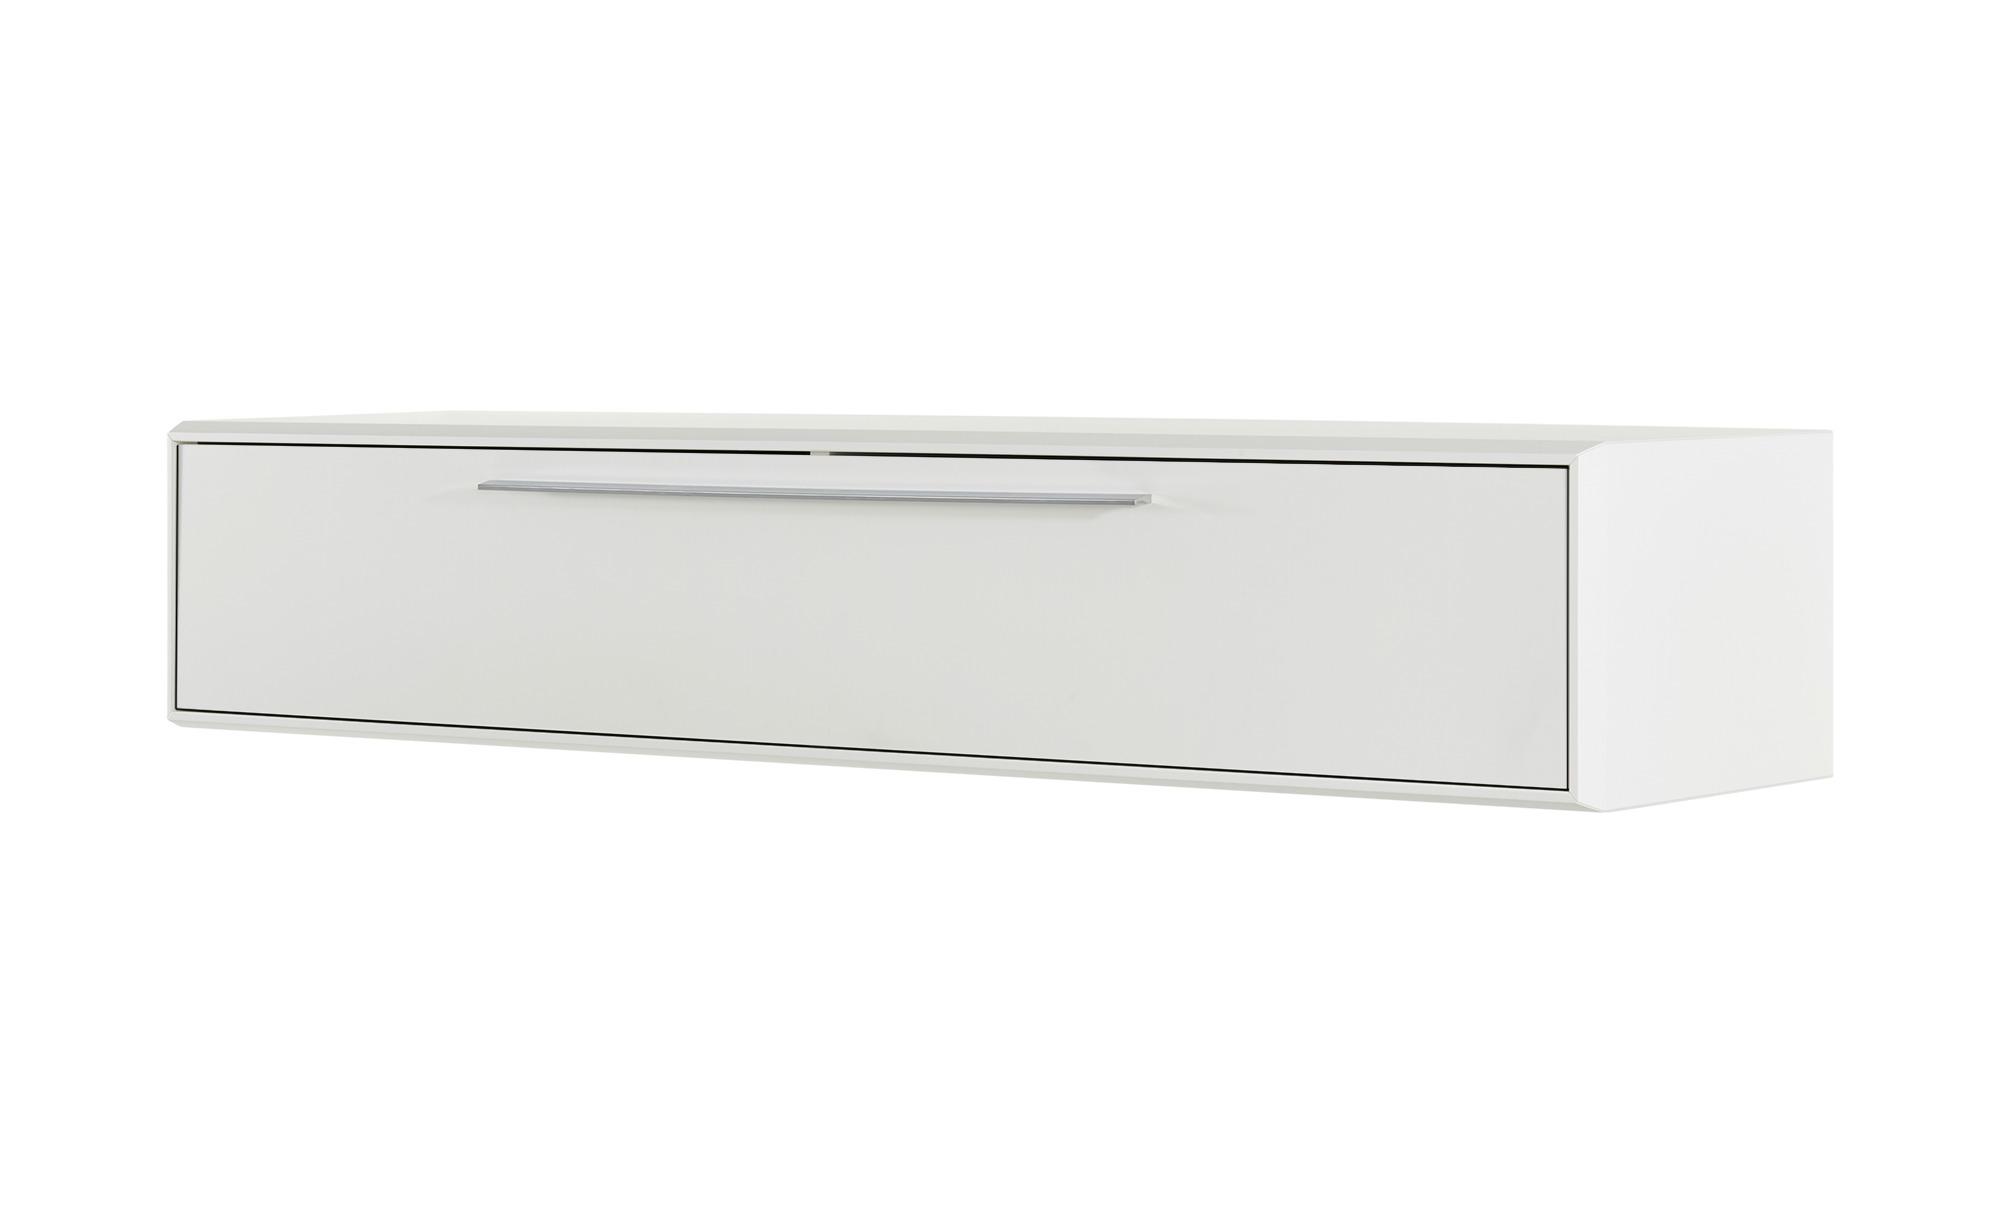 barfachelement light line 5 breite 162 cm h he 30 cm online kaufen bei woonio. Black Bedroom Furniture Sets. Home Design Ideas